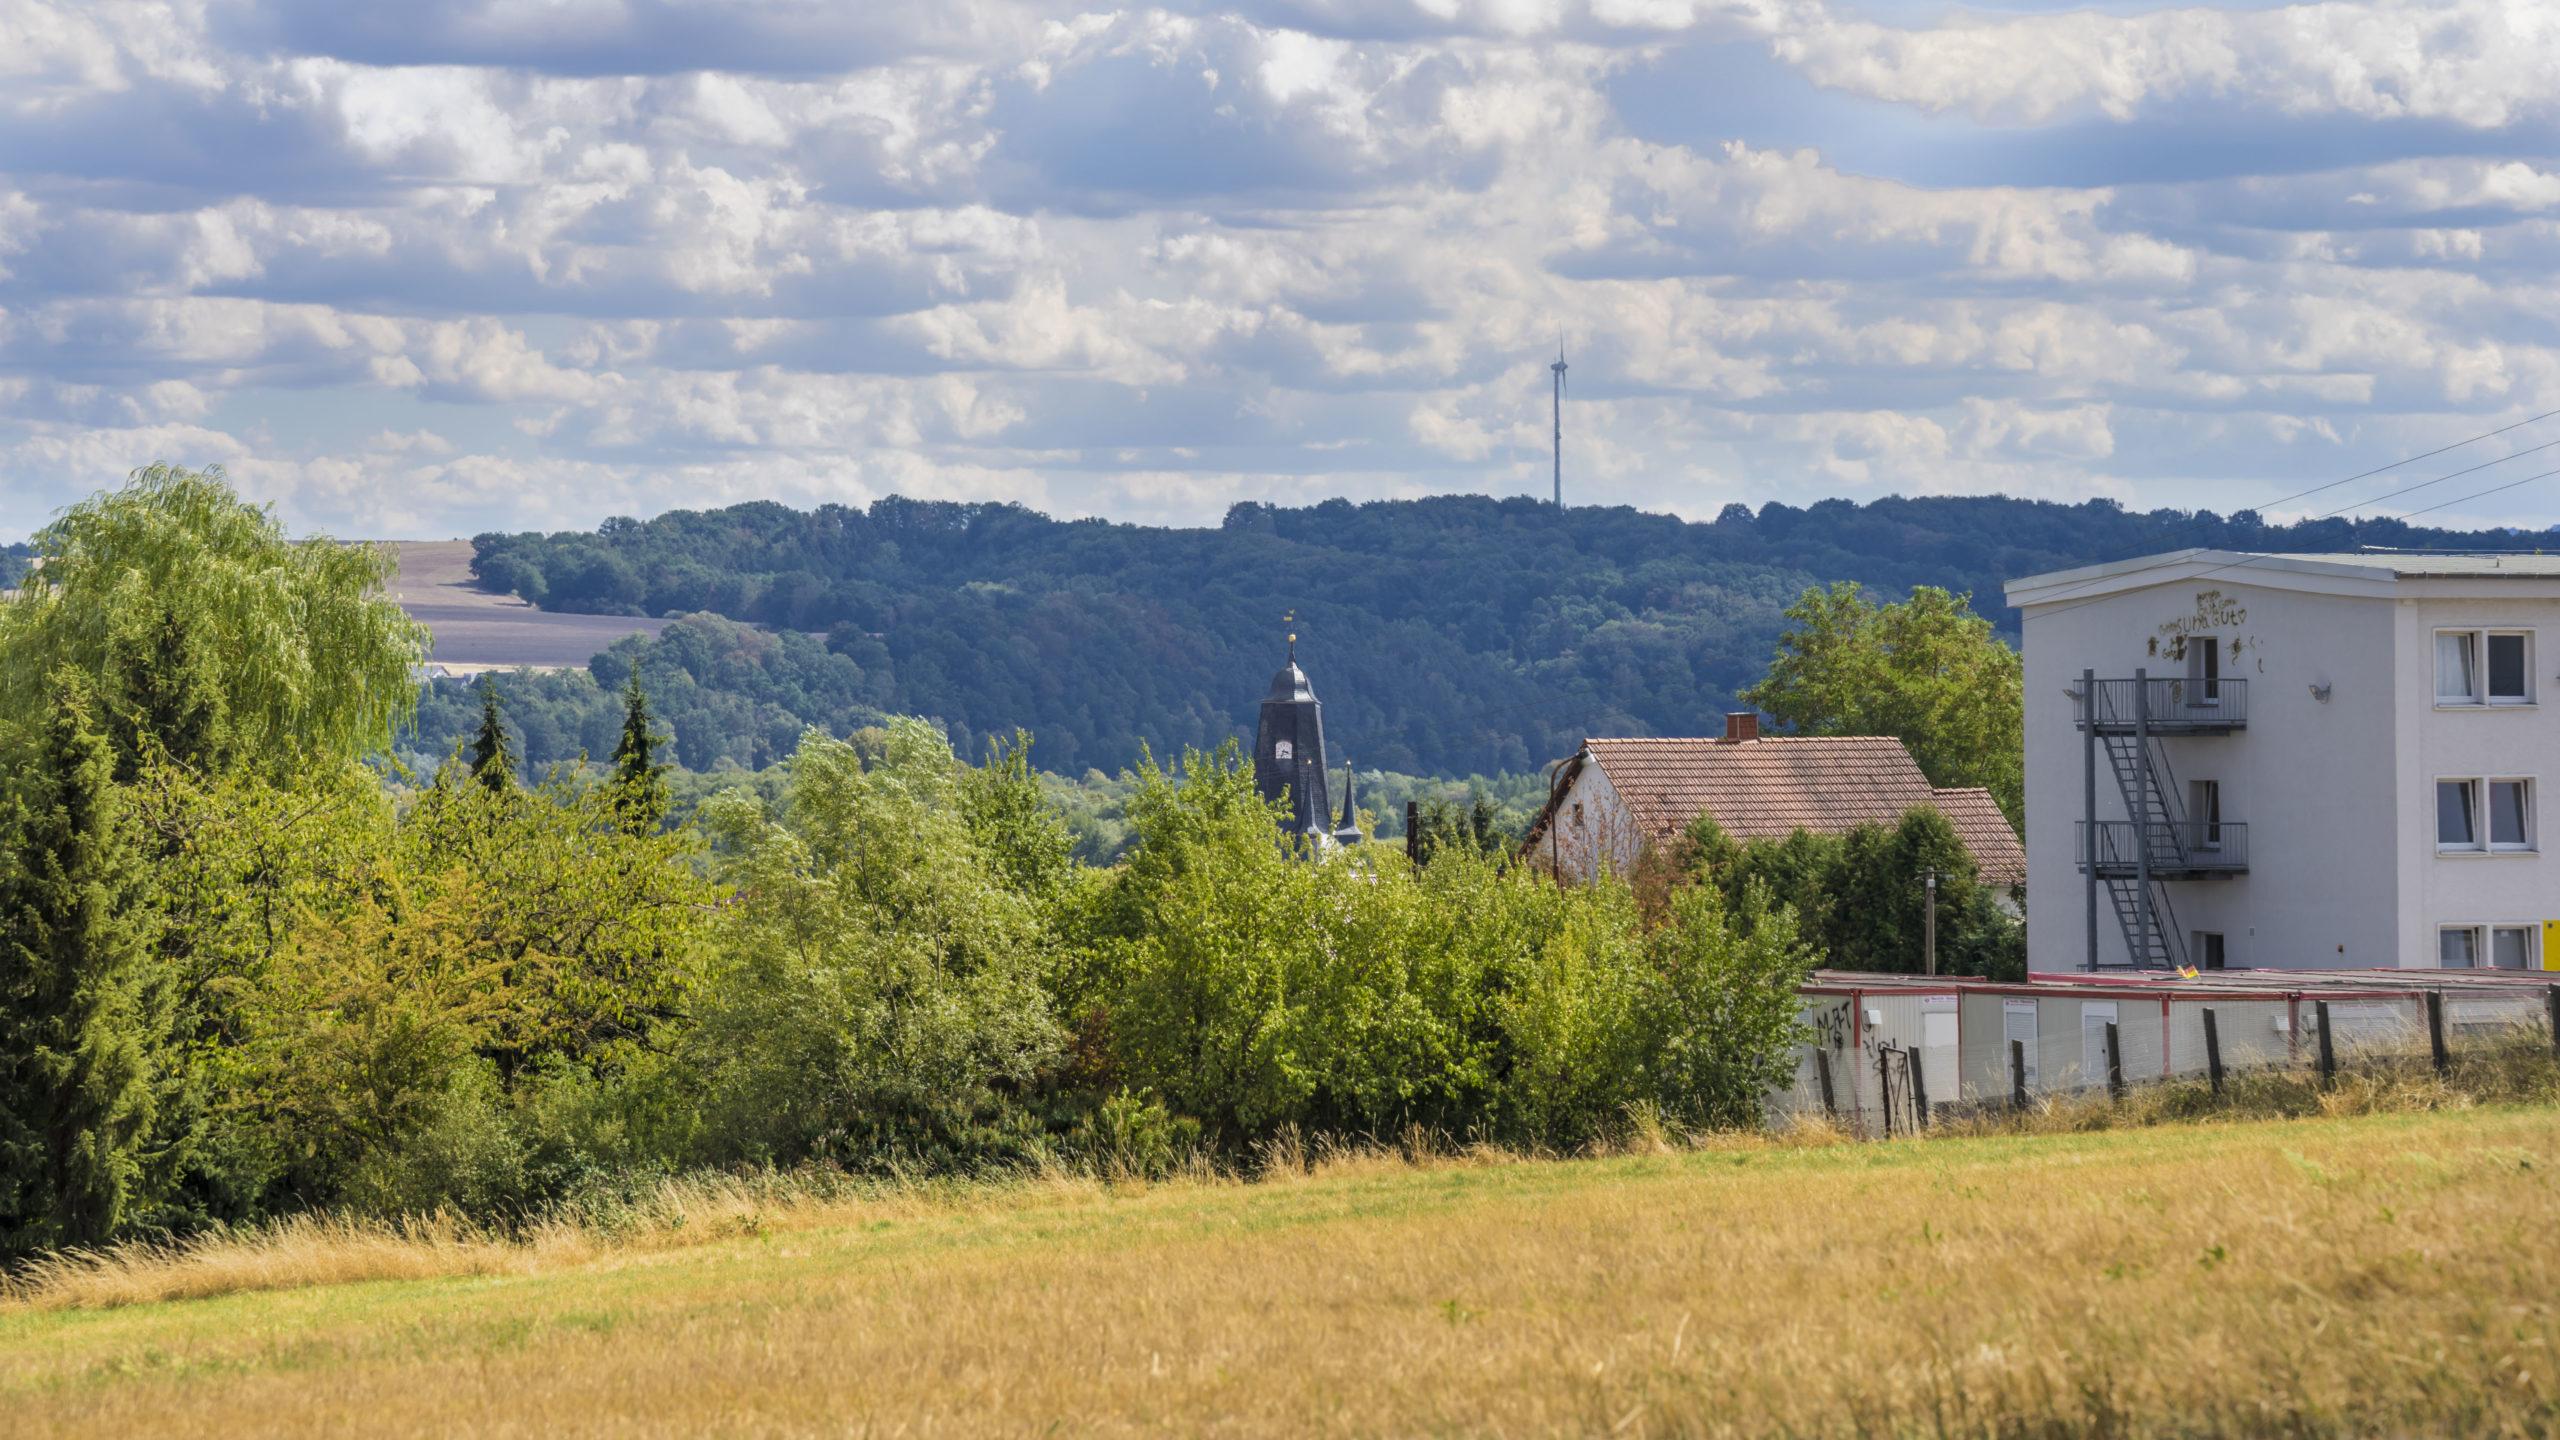 Blick Richtung Rundkirche in Untersuhl